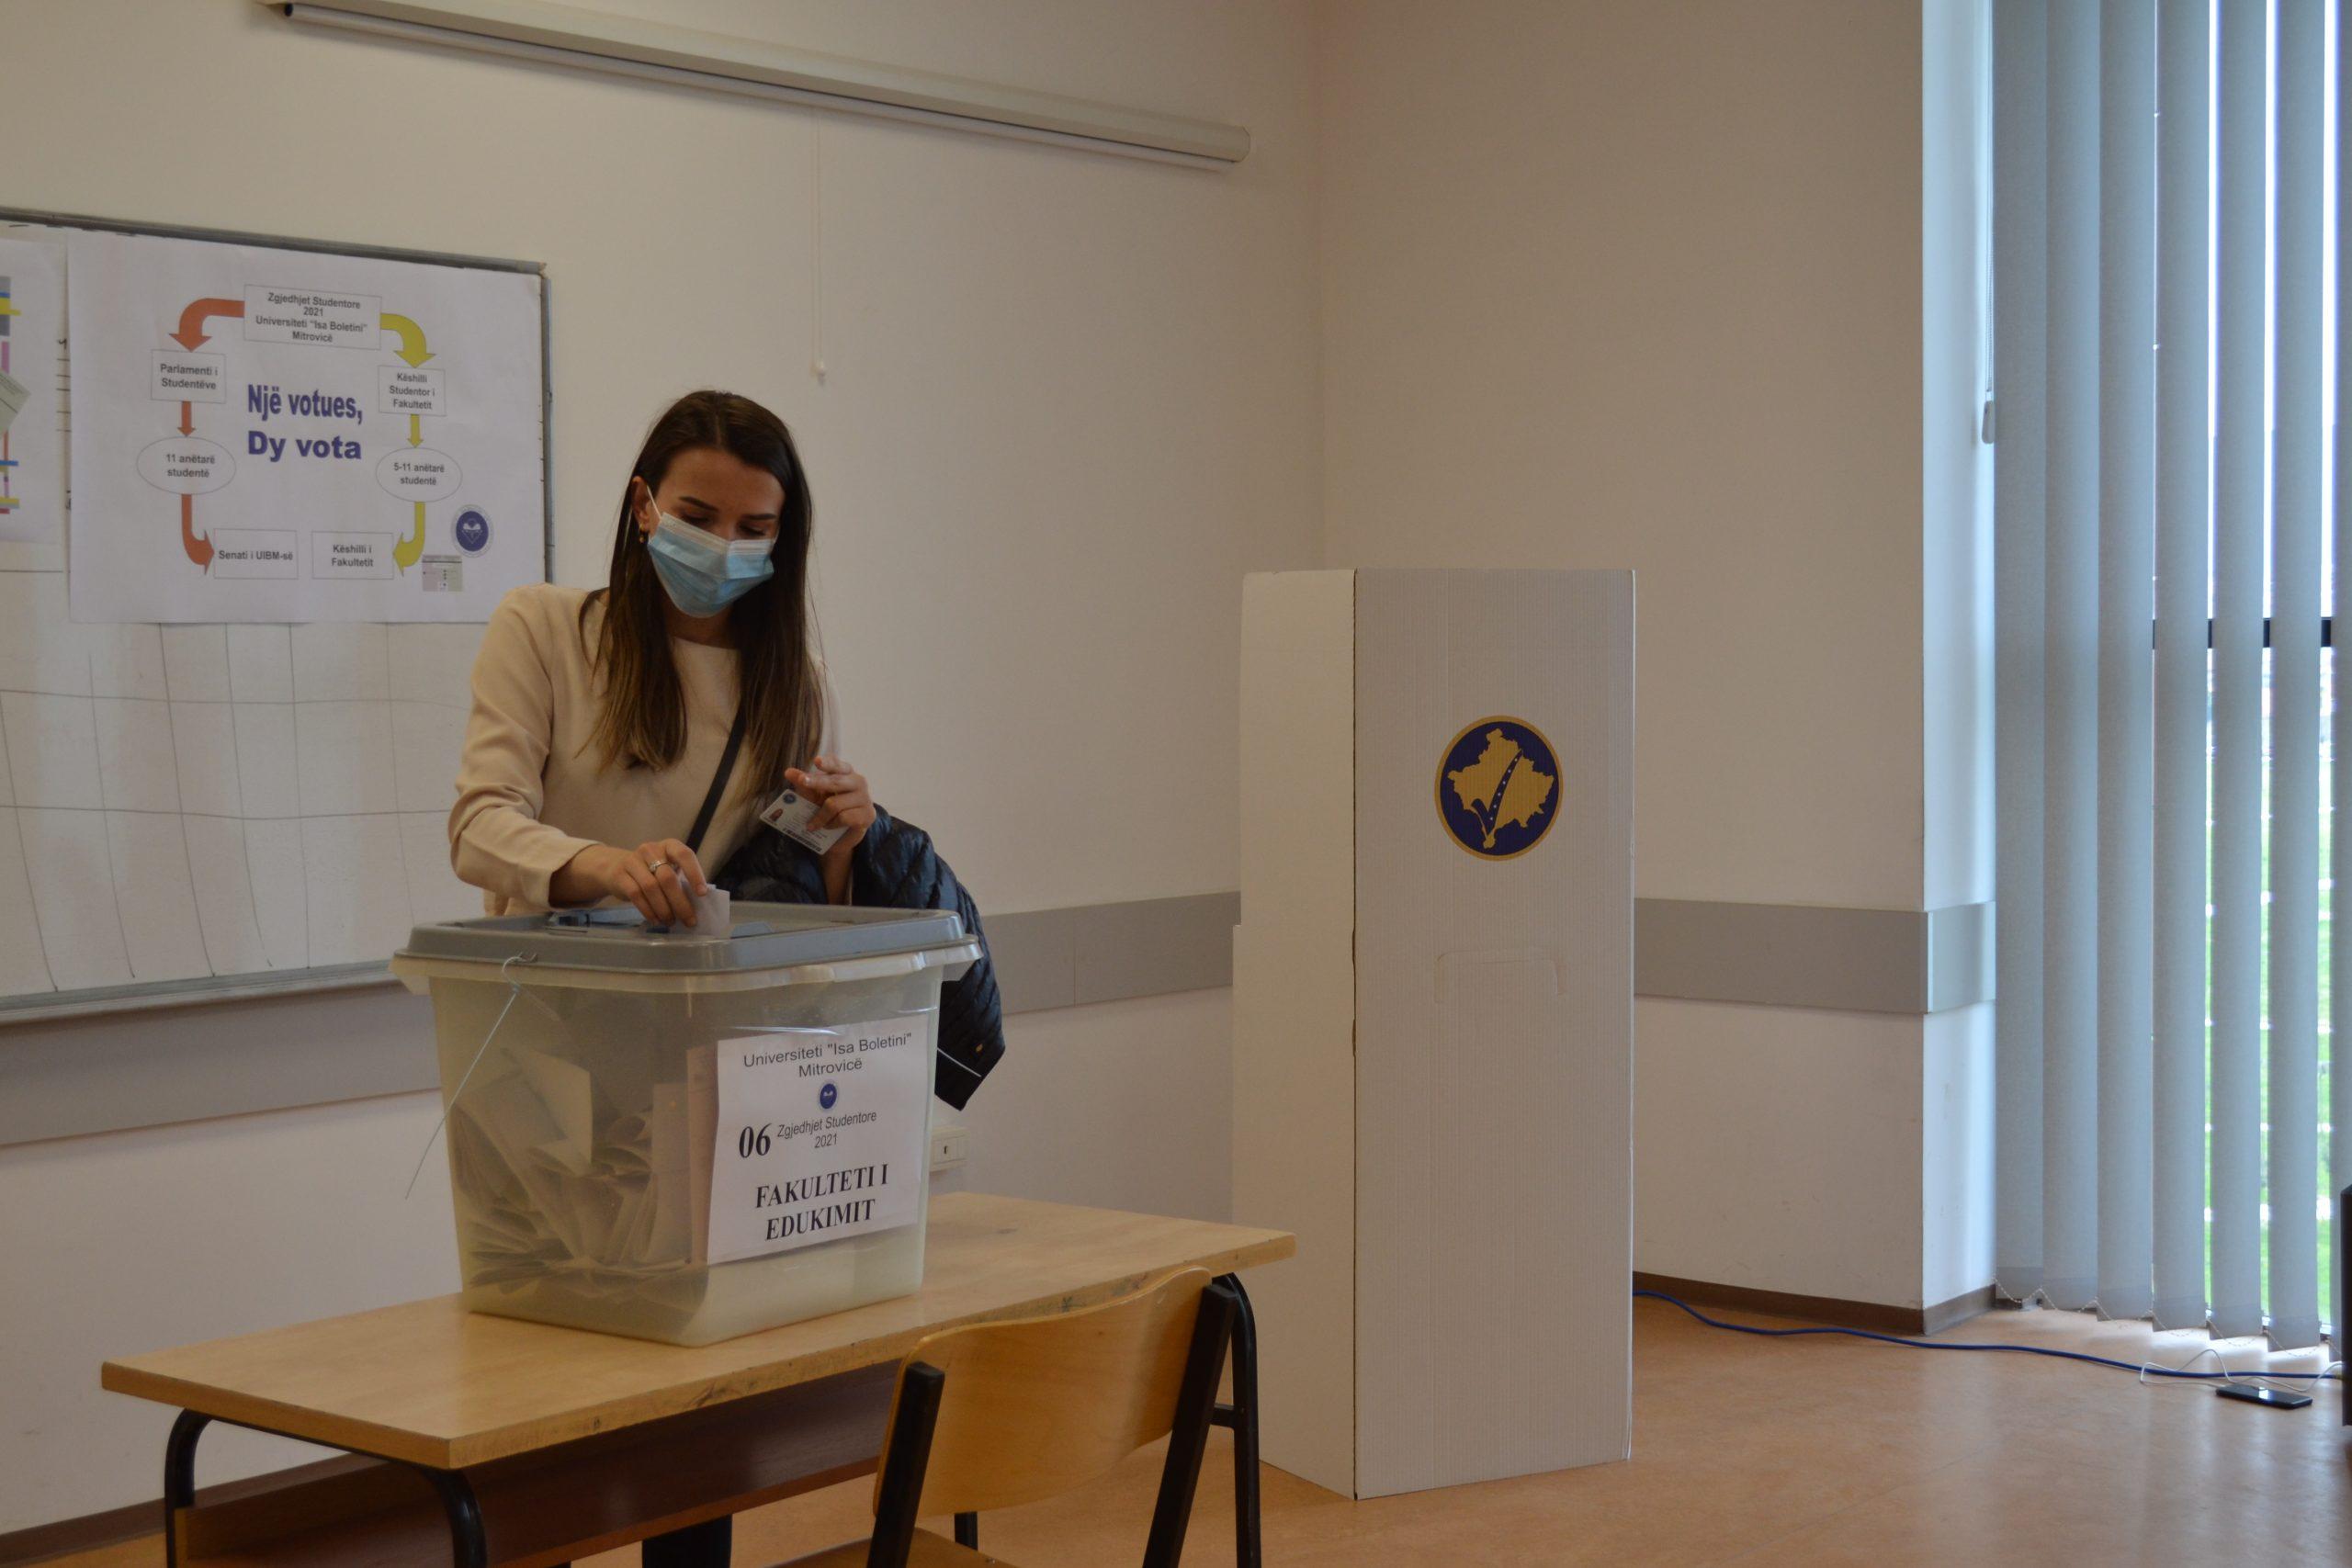 Studentët e UIBM votojnë për përfaqësuesit e tyre në Këshillat Studentore dhe Parlamentin Studentor